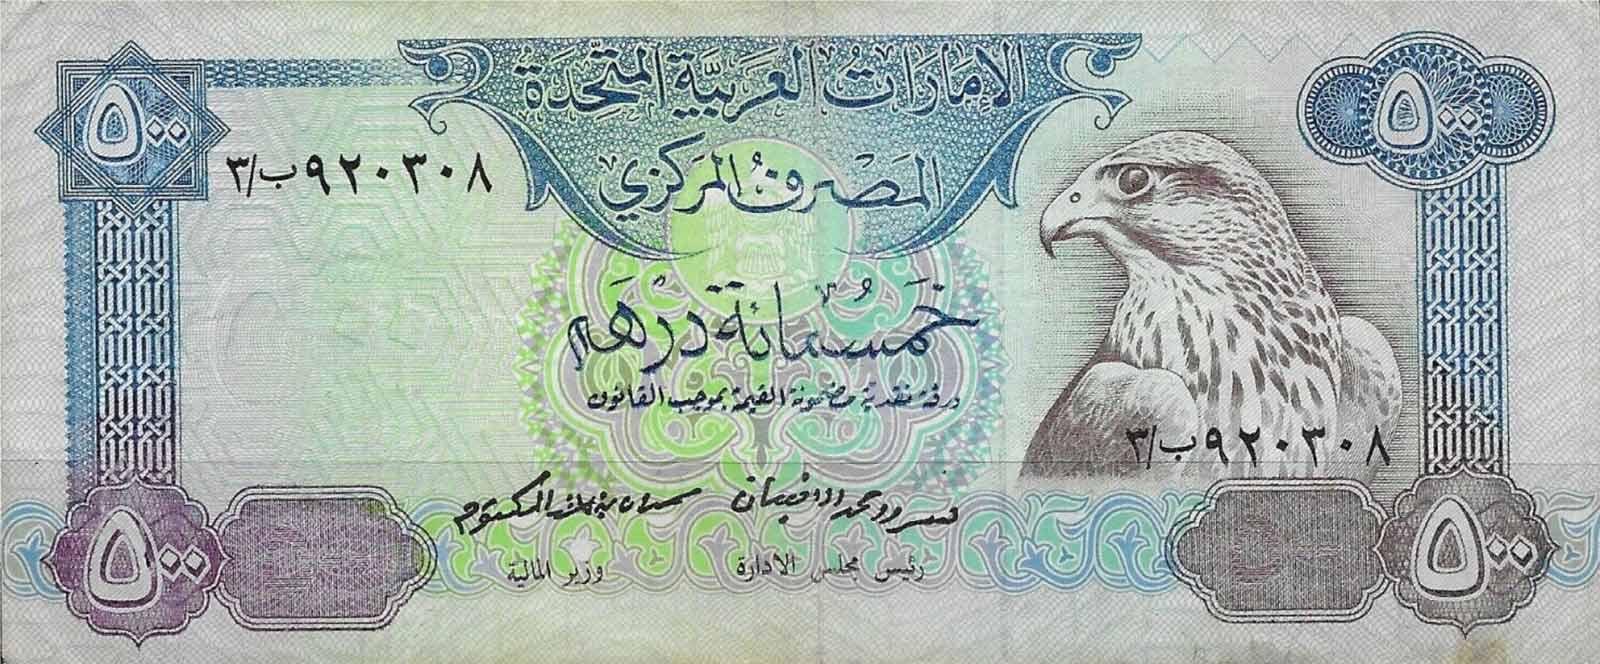 واحد پول امارات متحده عربی